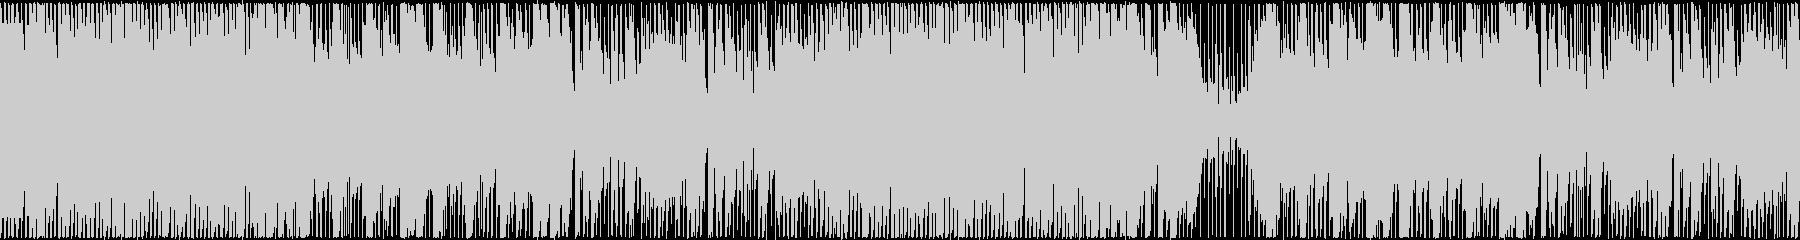 ハロウィン・ホラー風楽曲の未再生の波形